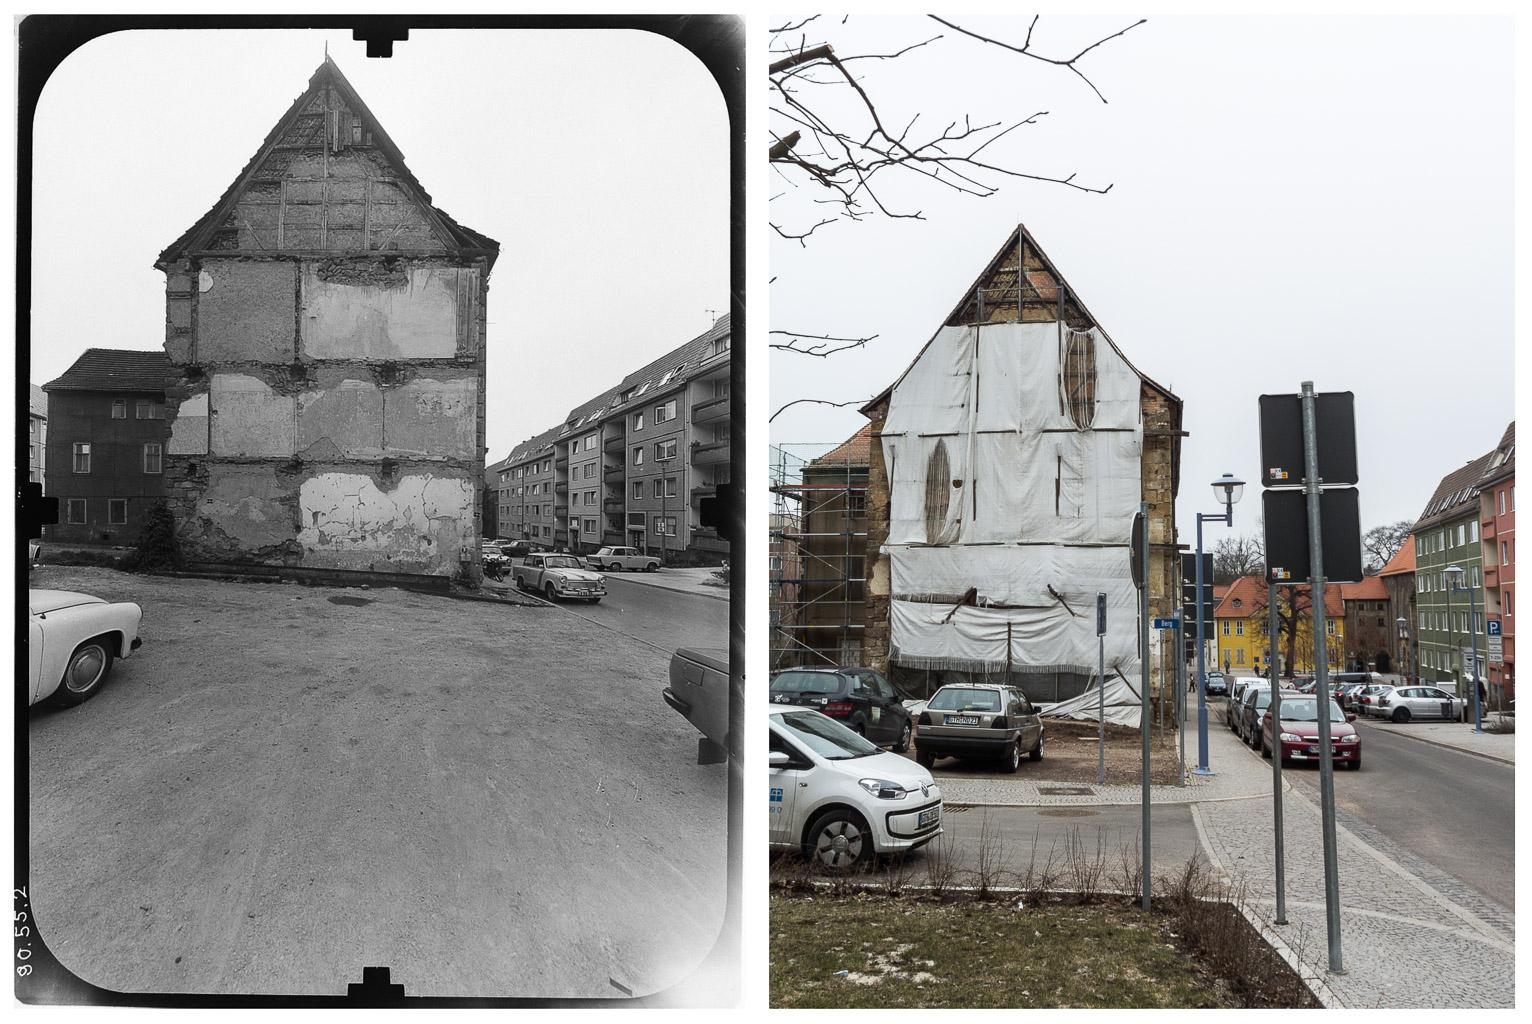 Gotha - Augustinerstrasse DDR 80'er Jahre / 2013 - DDR 80'er Jahre im Vergleich zu heute - Gotha Gestern und Heute